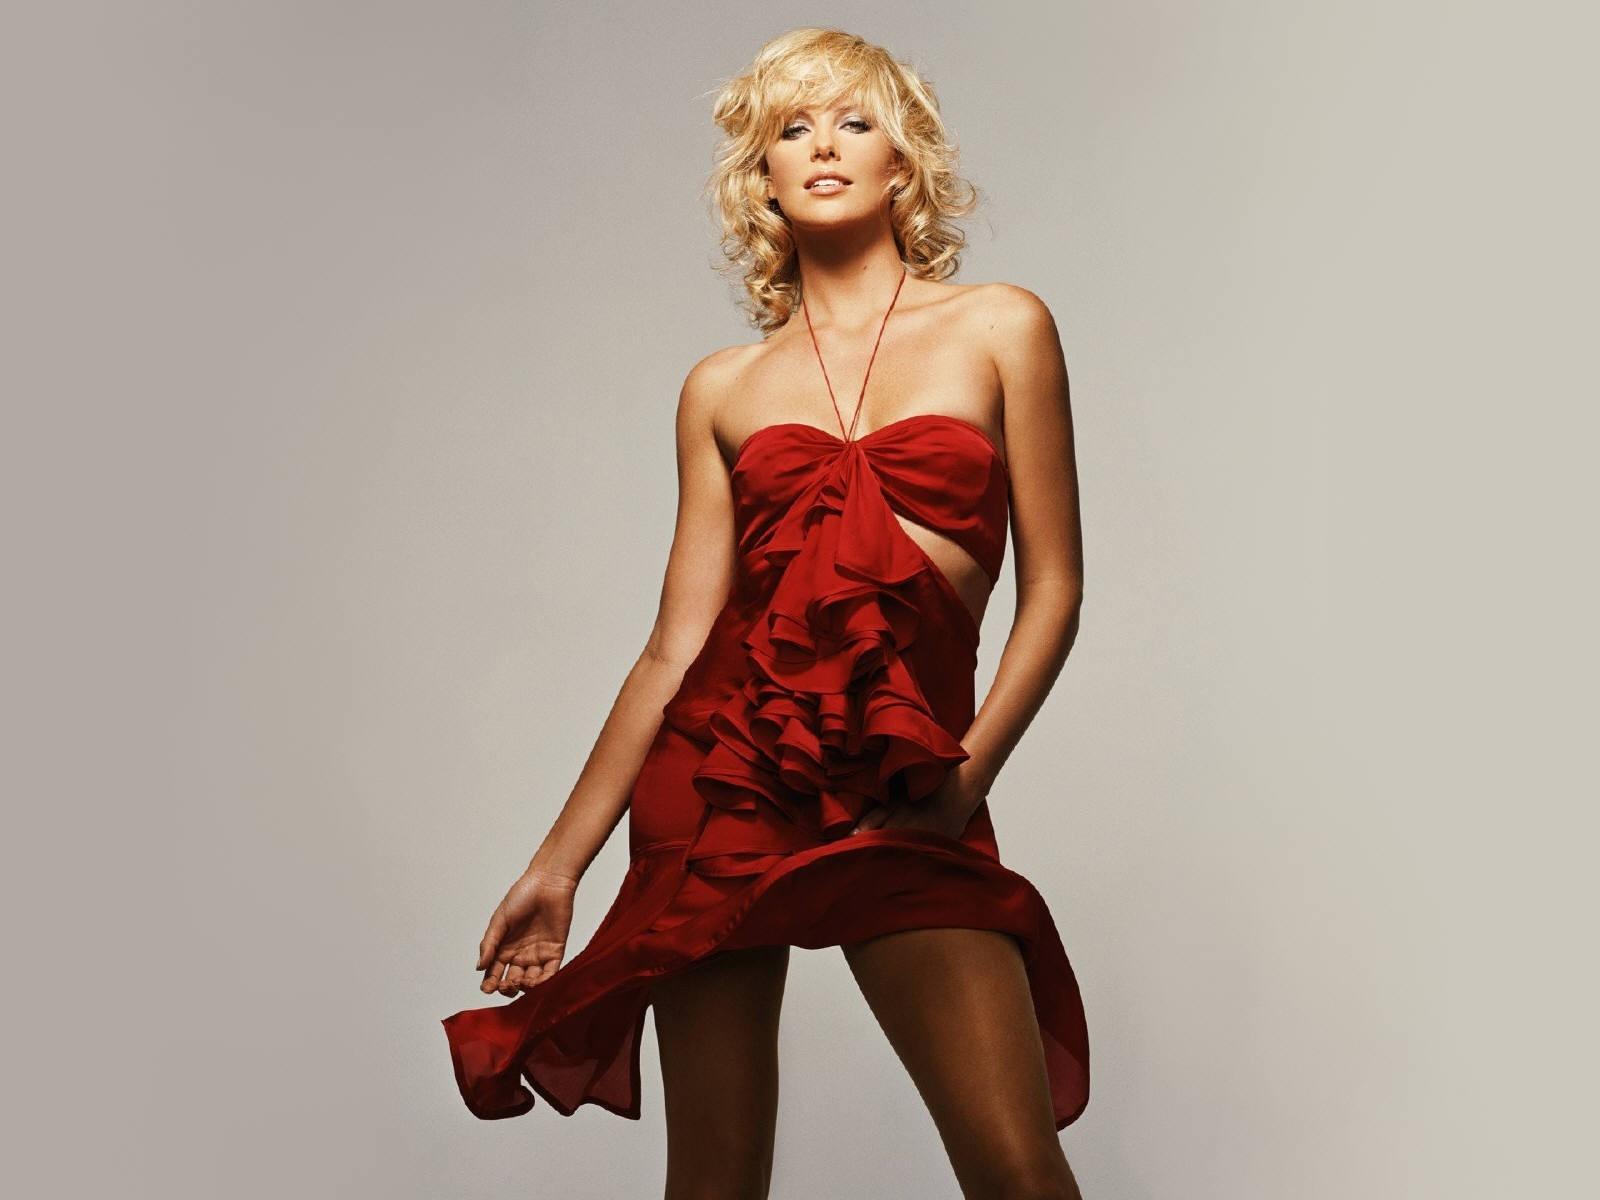 Wallpaper di Charlize Theron, sensualissima in abito rosso